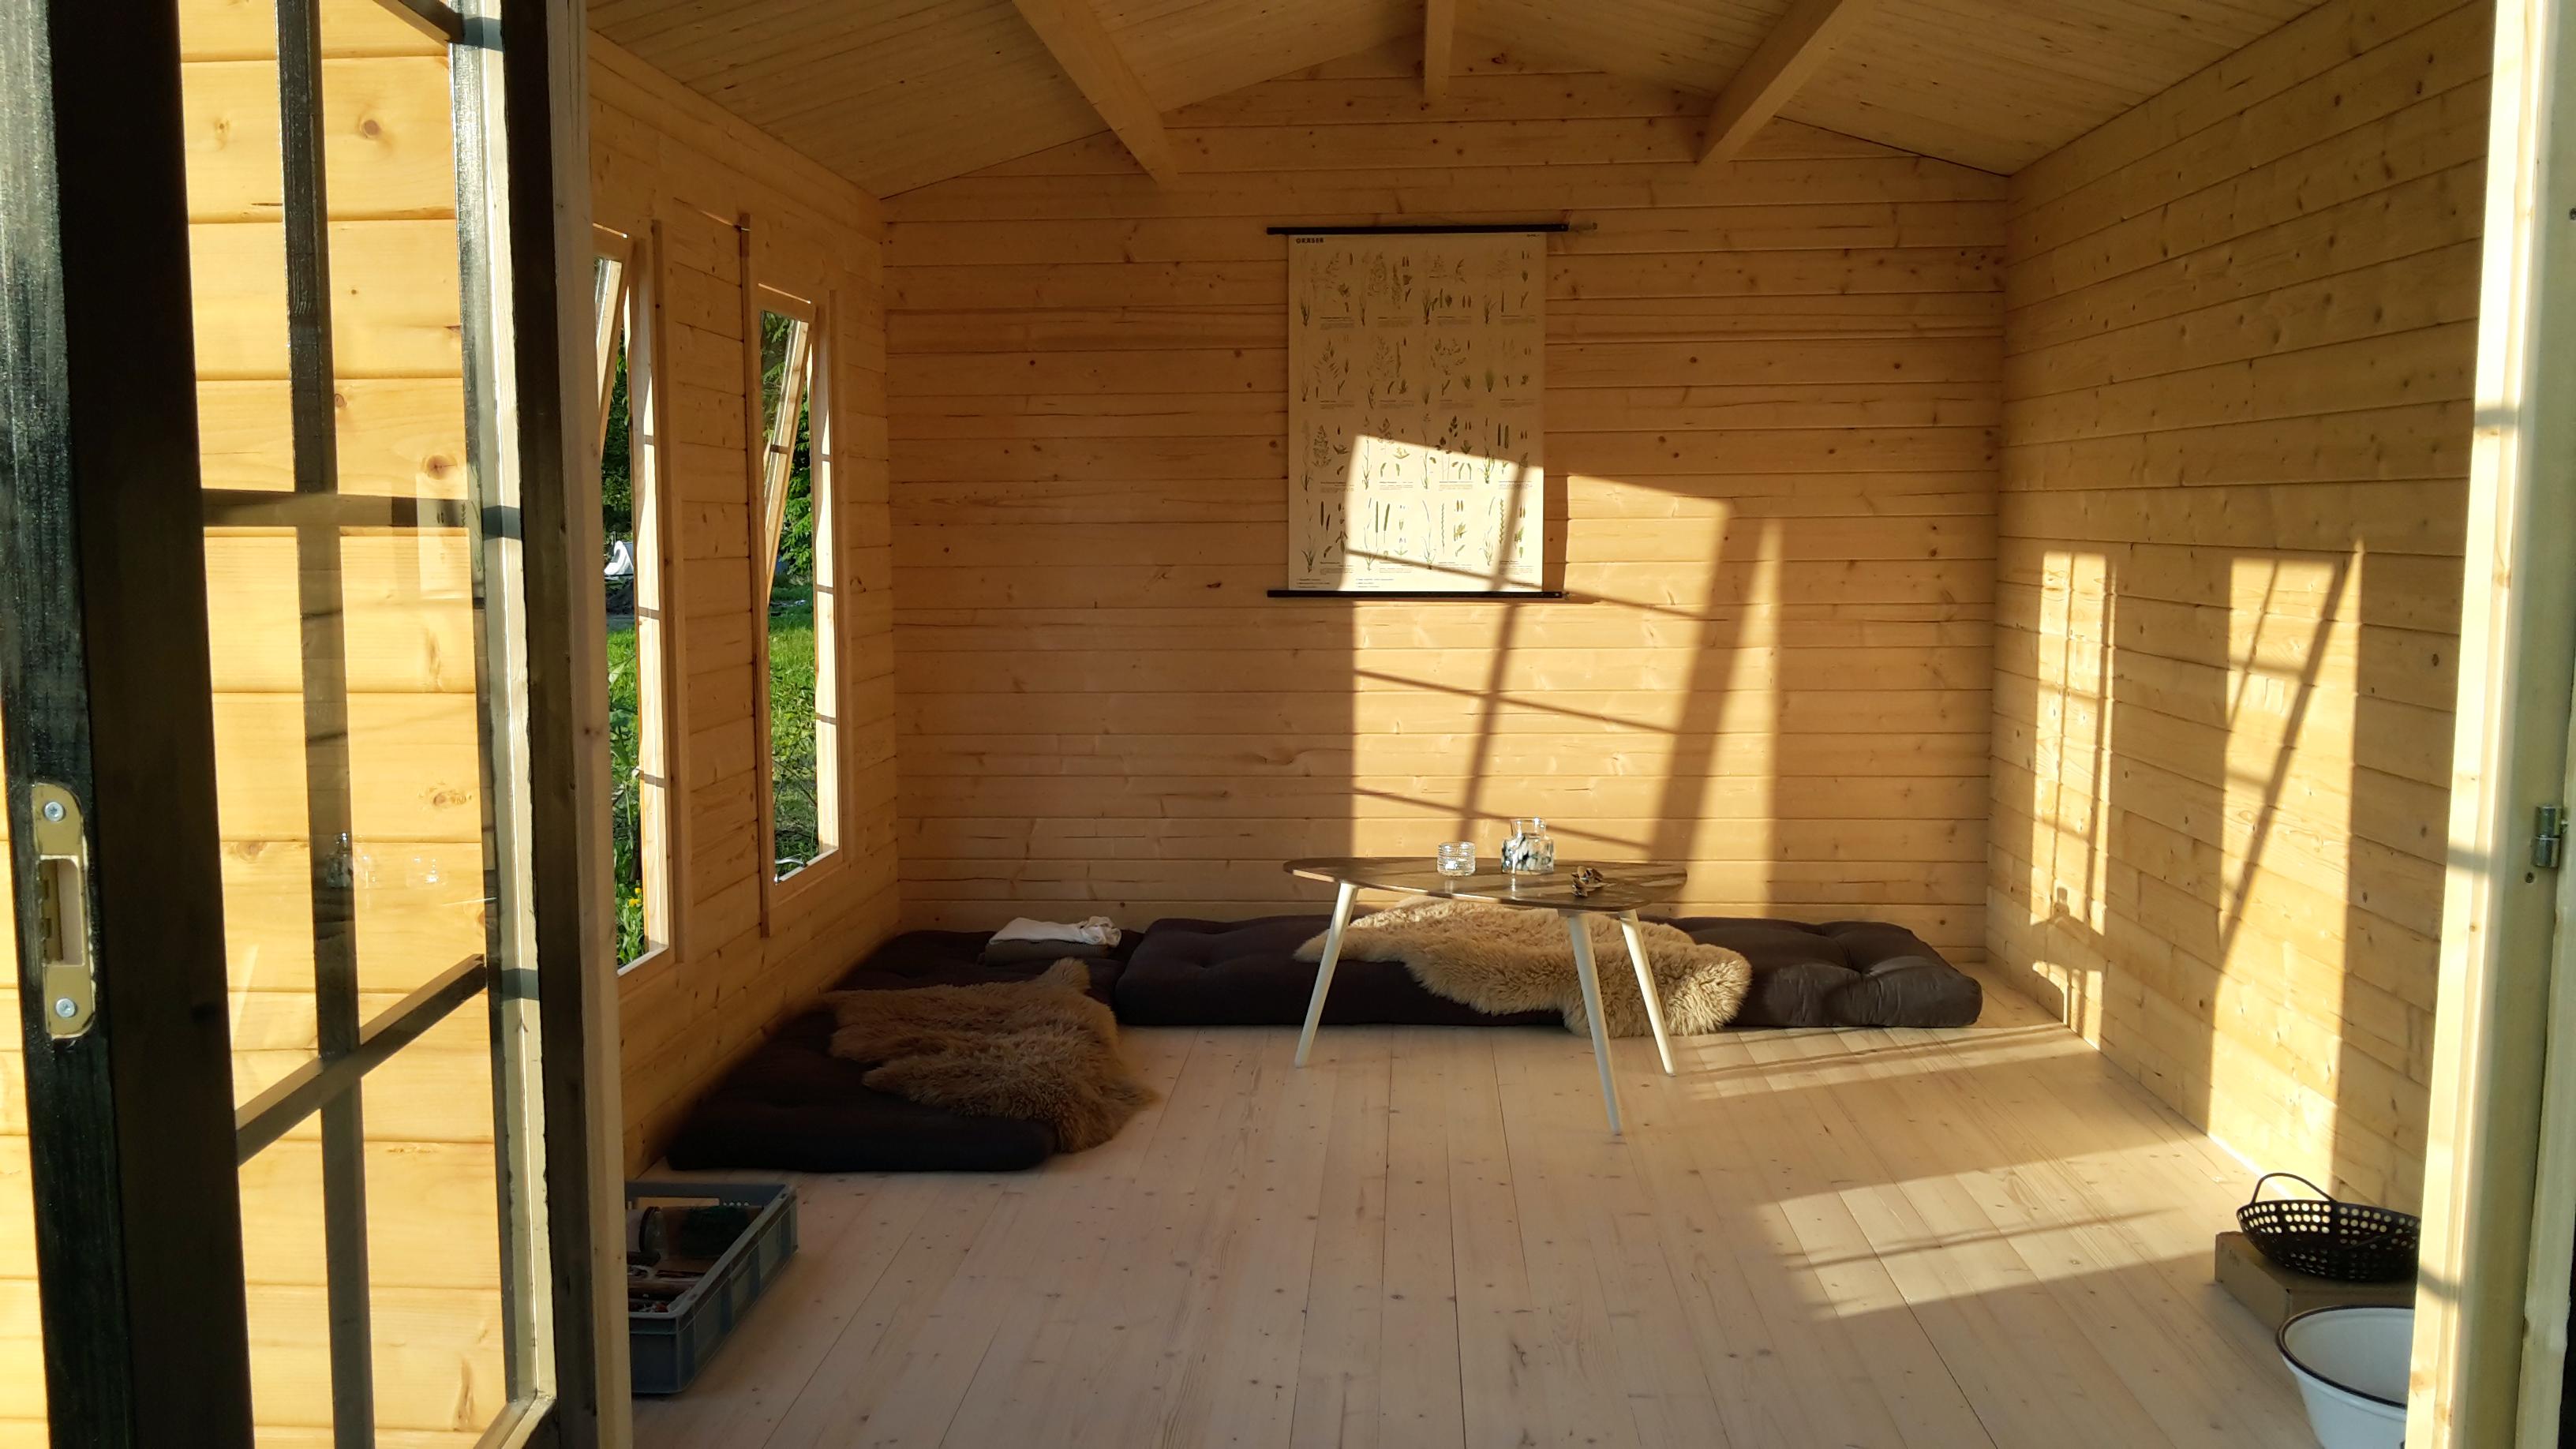 Gartenhaus Gestalten So Nutzt Du Den Platz Effektiv